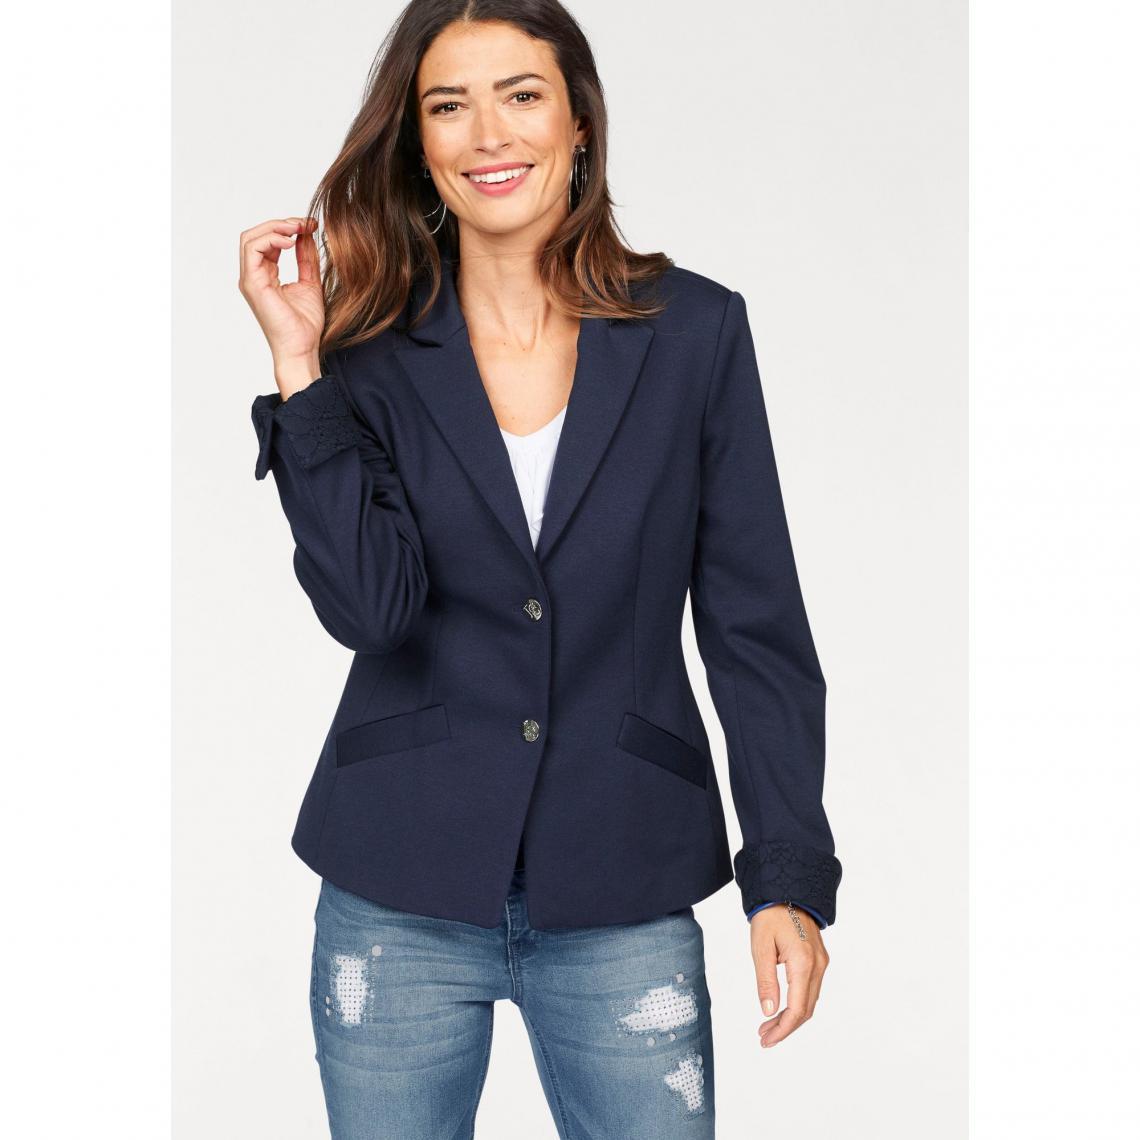 veste tailleur longue femme bleu marine v tements l gants modernes. Black Bedroom Furniture Sets. Home Design Ideas